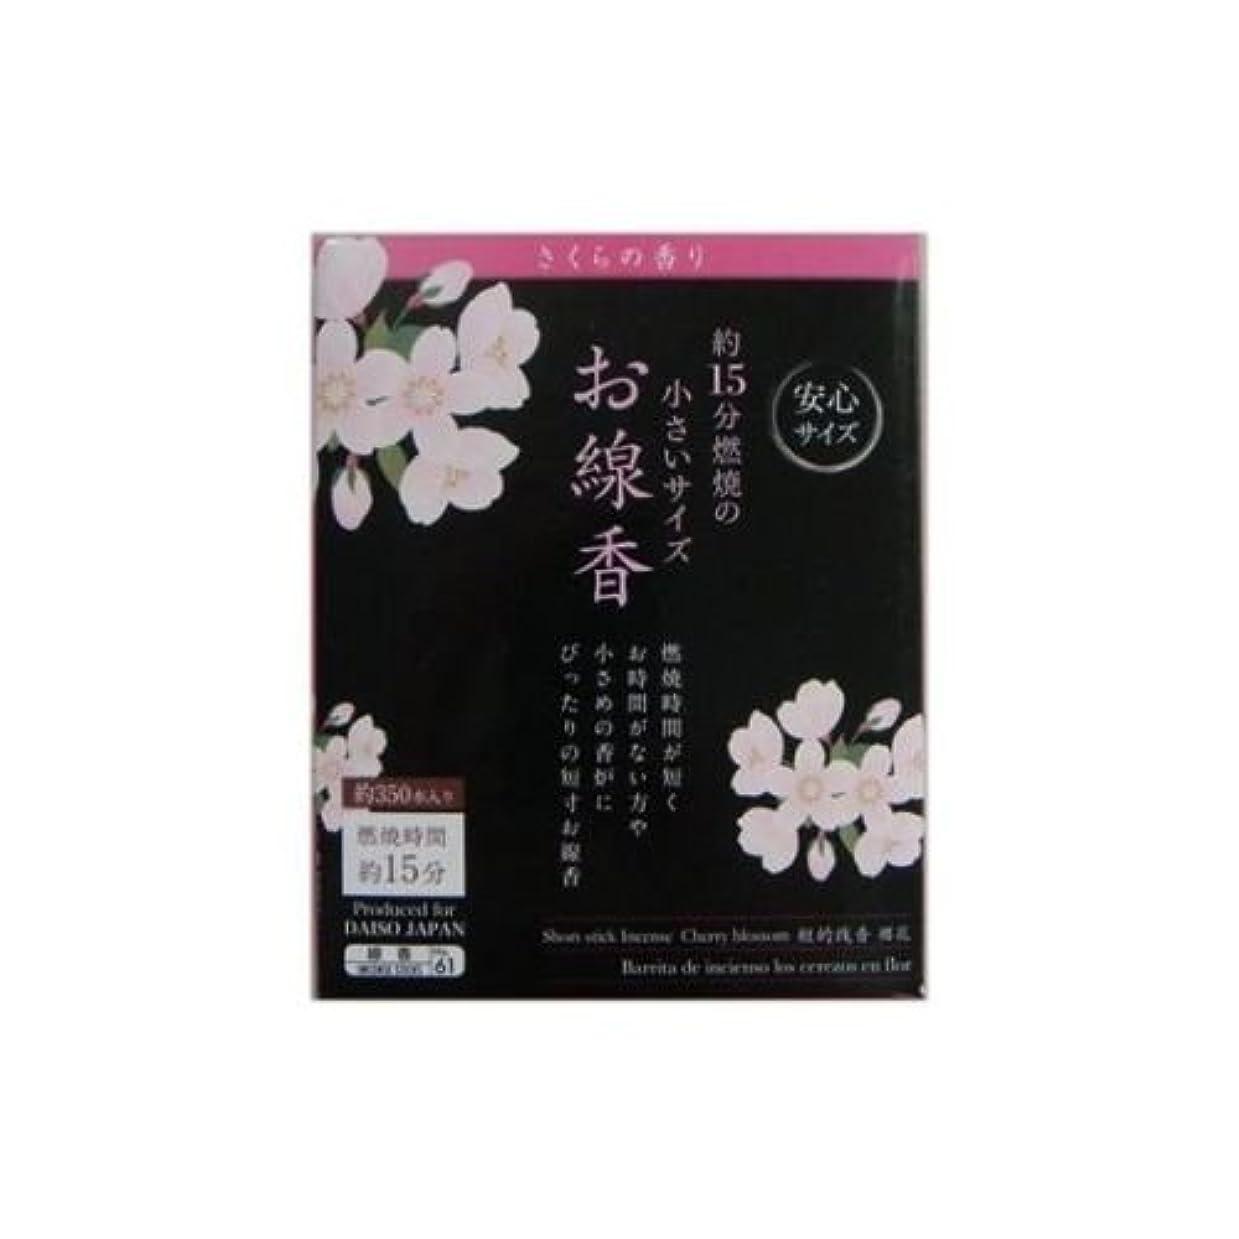 スキル才能のある直立Daiso Senko Japanese Incense桜ショートスティック9 cm-15min / 350 sticks